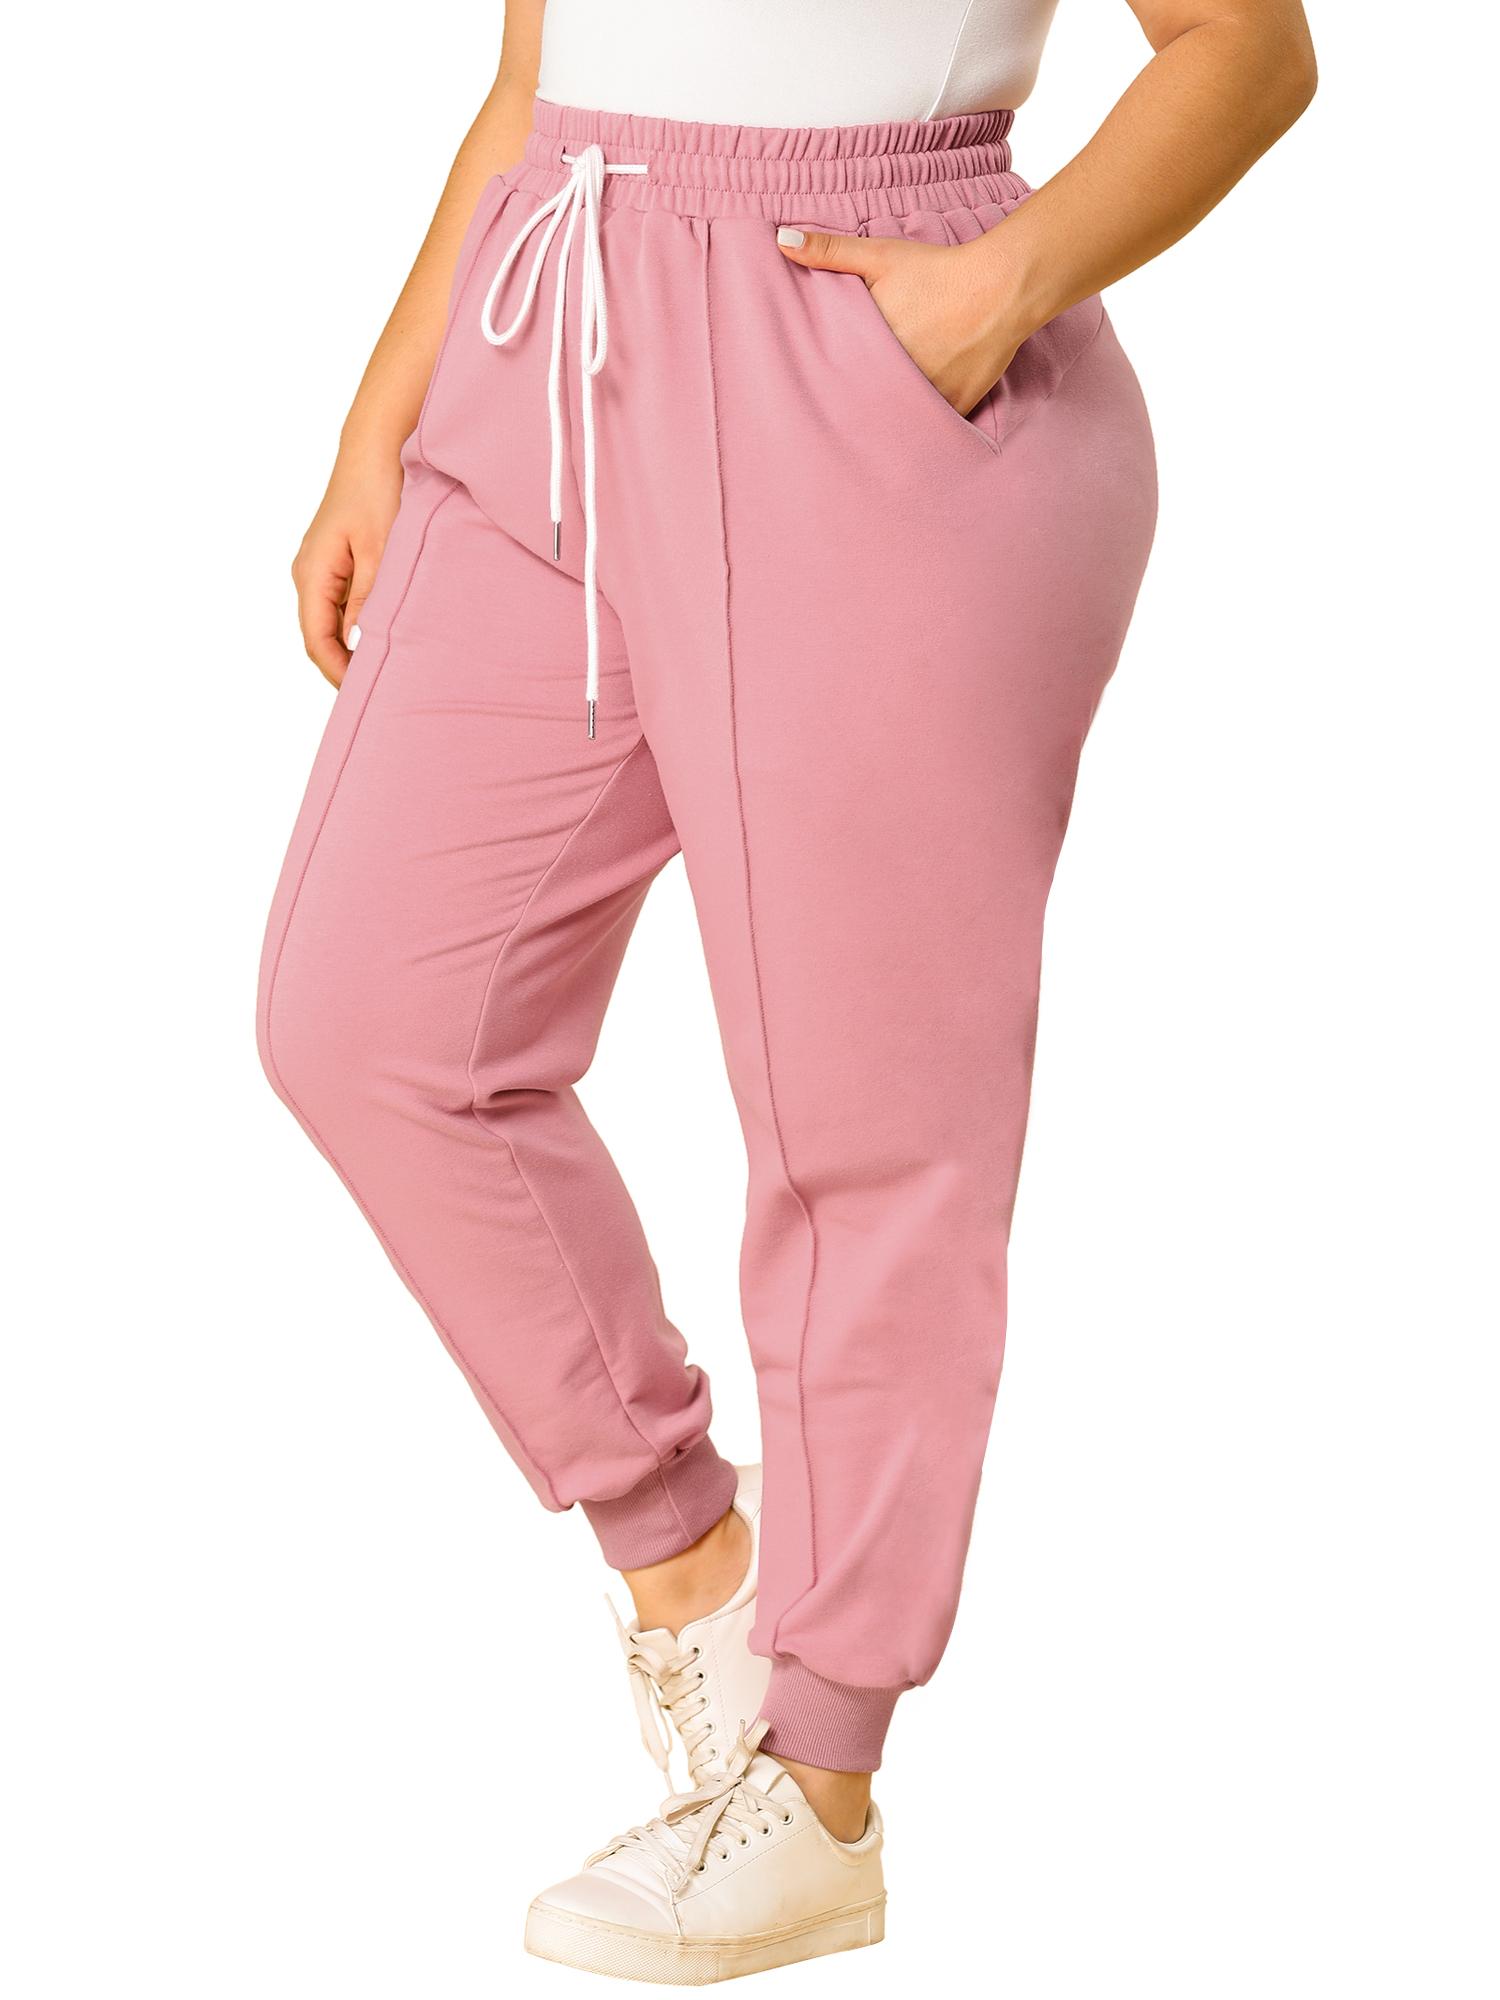 Women's Plus Size Sweatpants Elastic Waist Contrast Jogger Pant Pink 1X